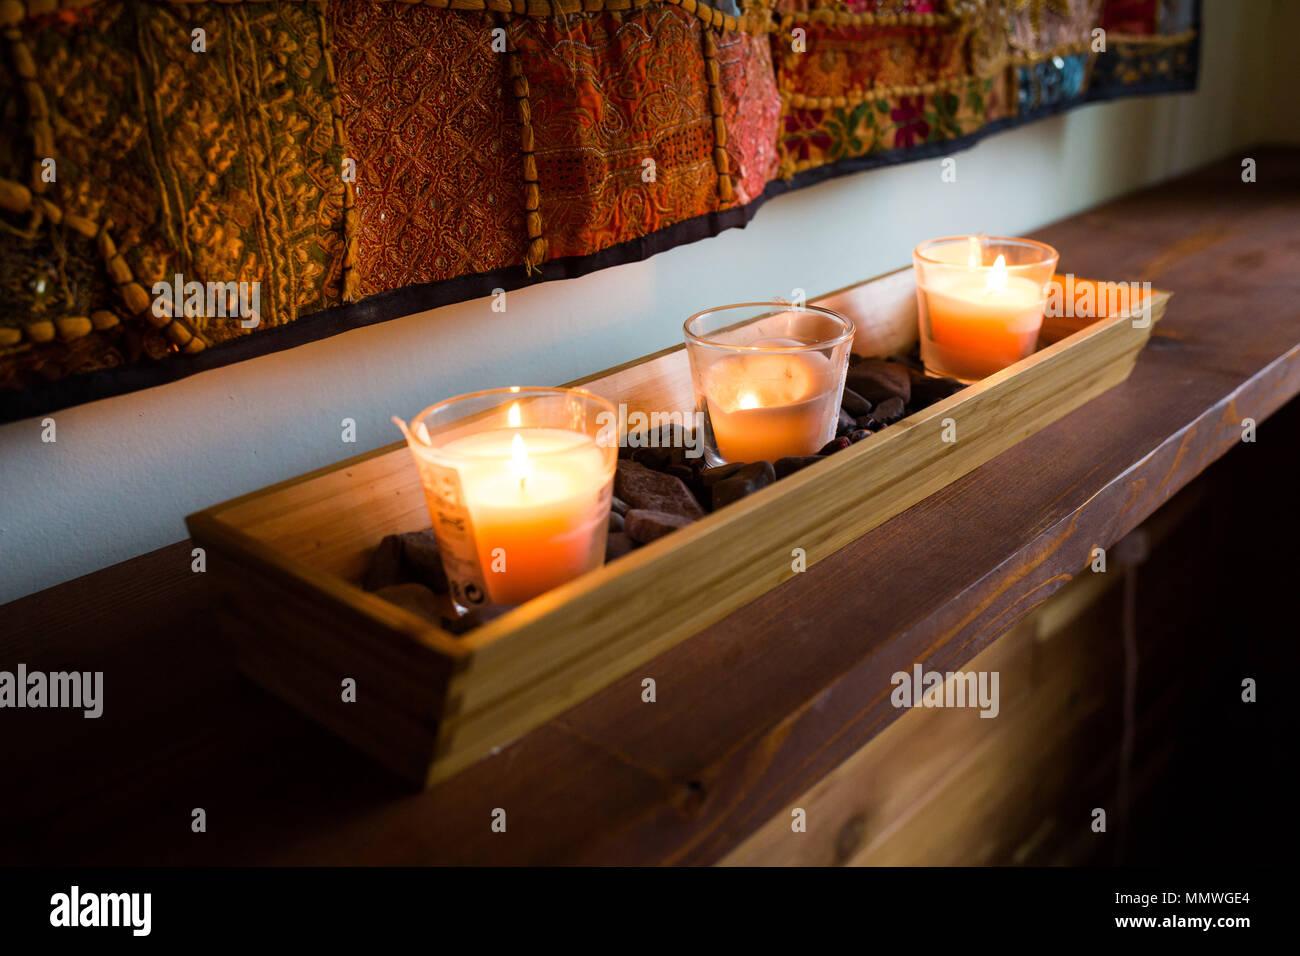 Romantische Kerzen Dekoration gemütliches Schlafzimmer Innenraum ...